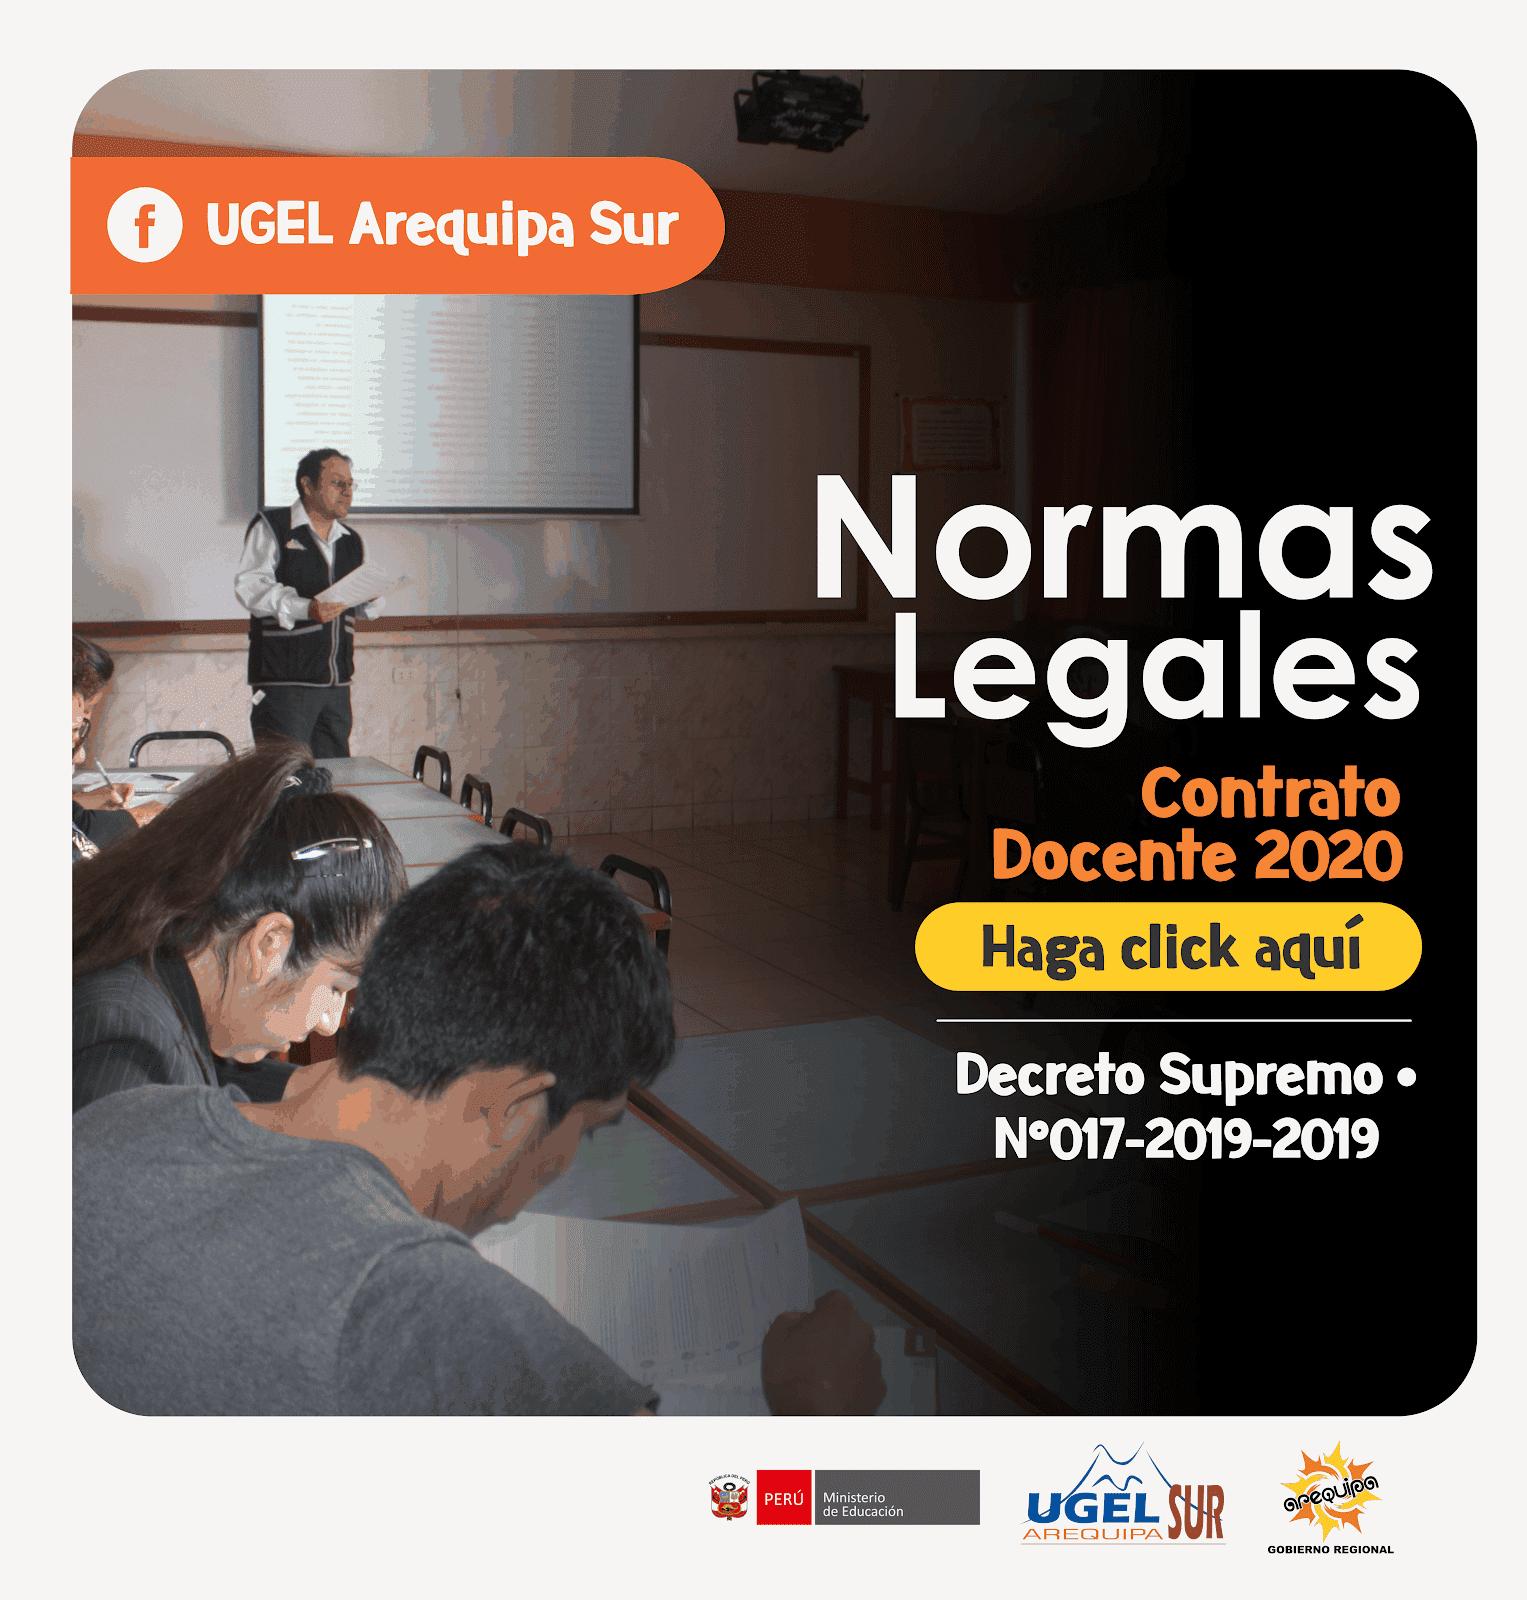 NORMAS LEGALES - CONTRATO DOCENTE 2020